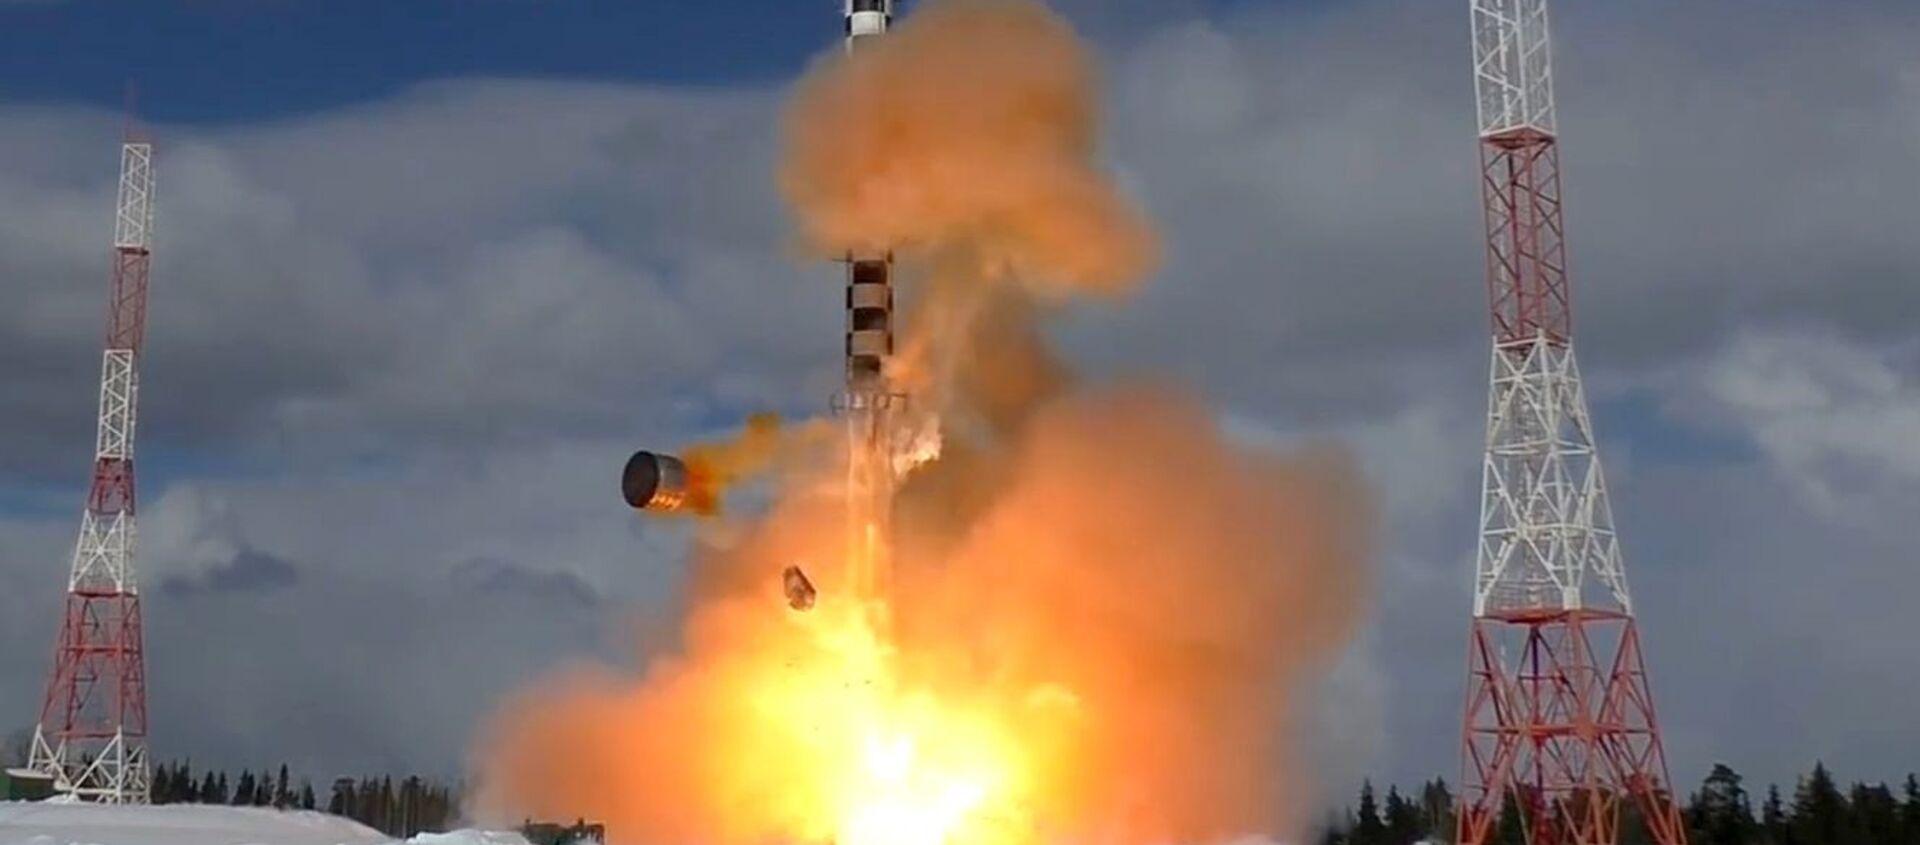 Запуск тяжелой межконтинентальной баллистической ракеты Сармат. Архивное фото - Sputnik Южная Осетия, 1920, 01.04.2021